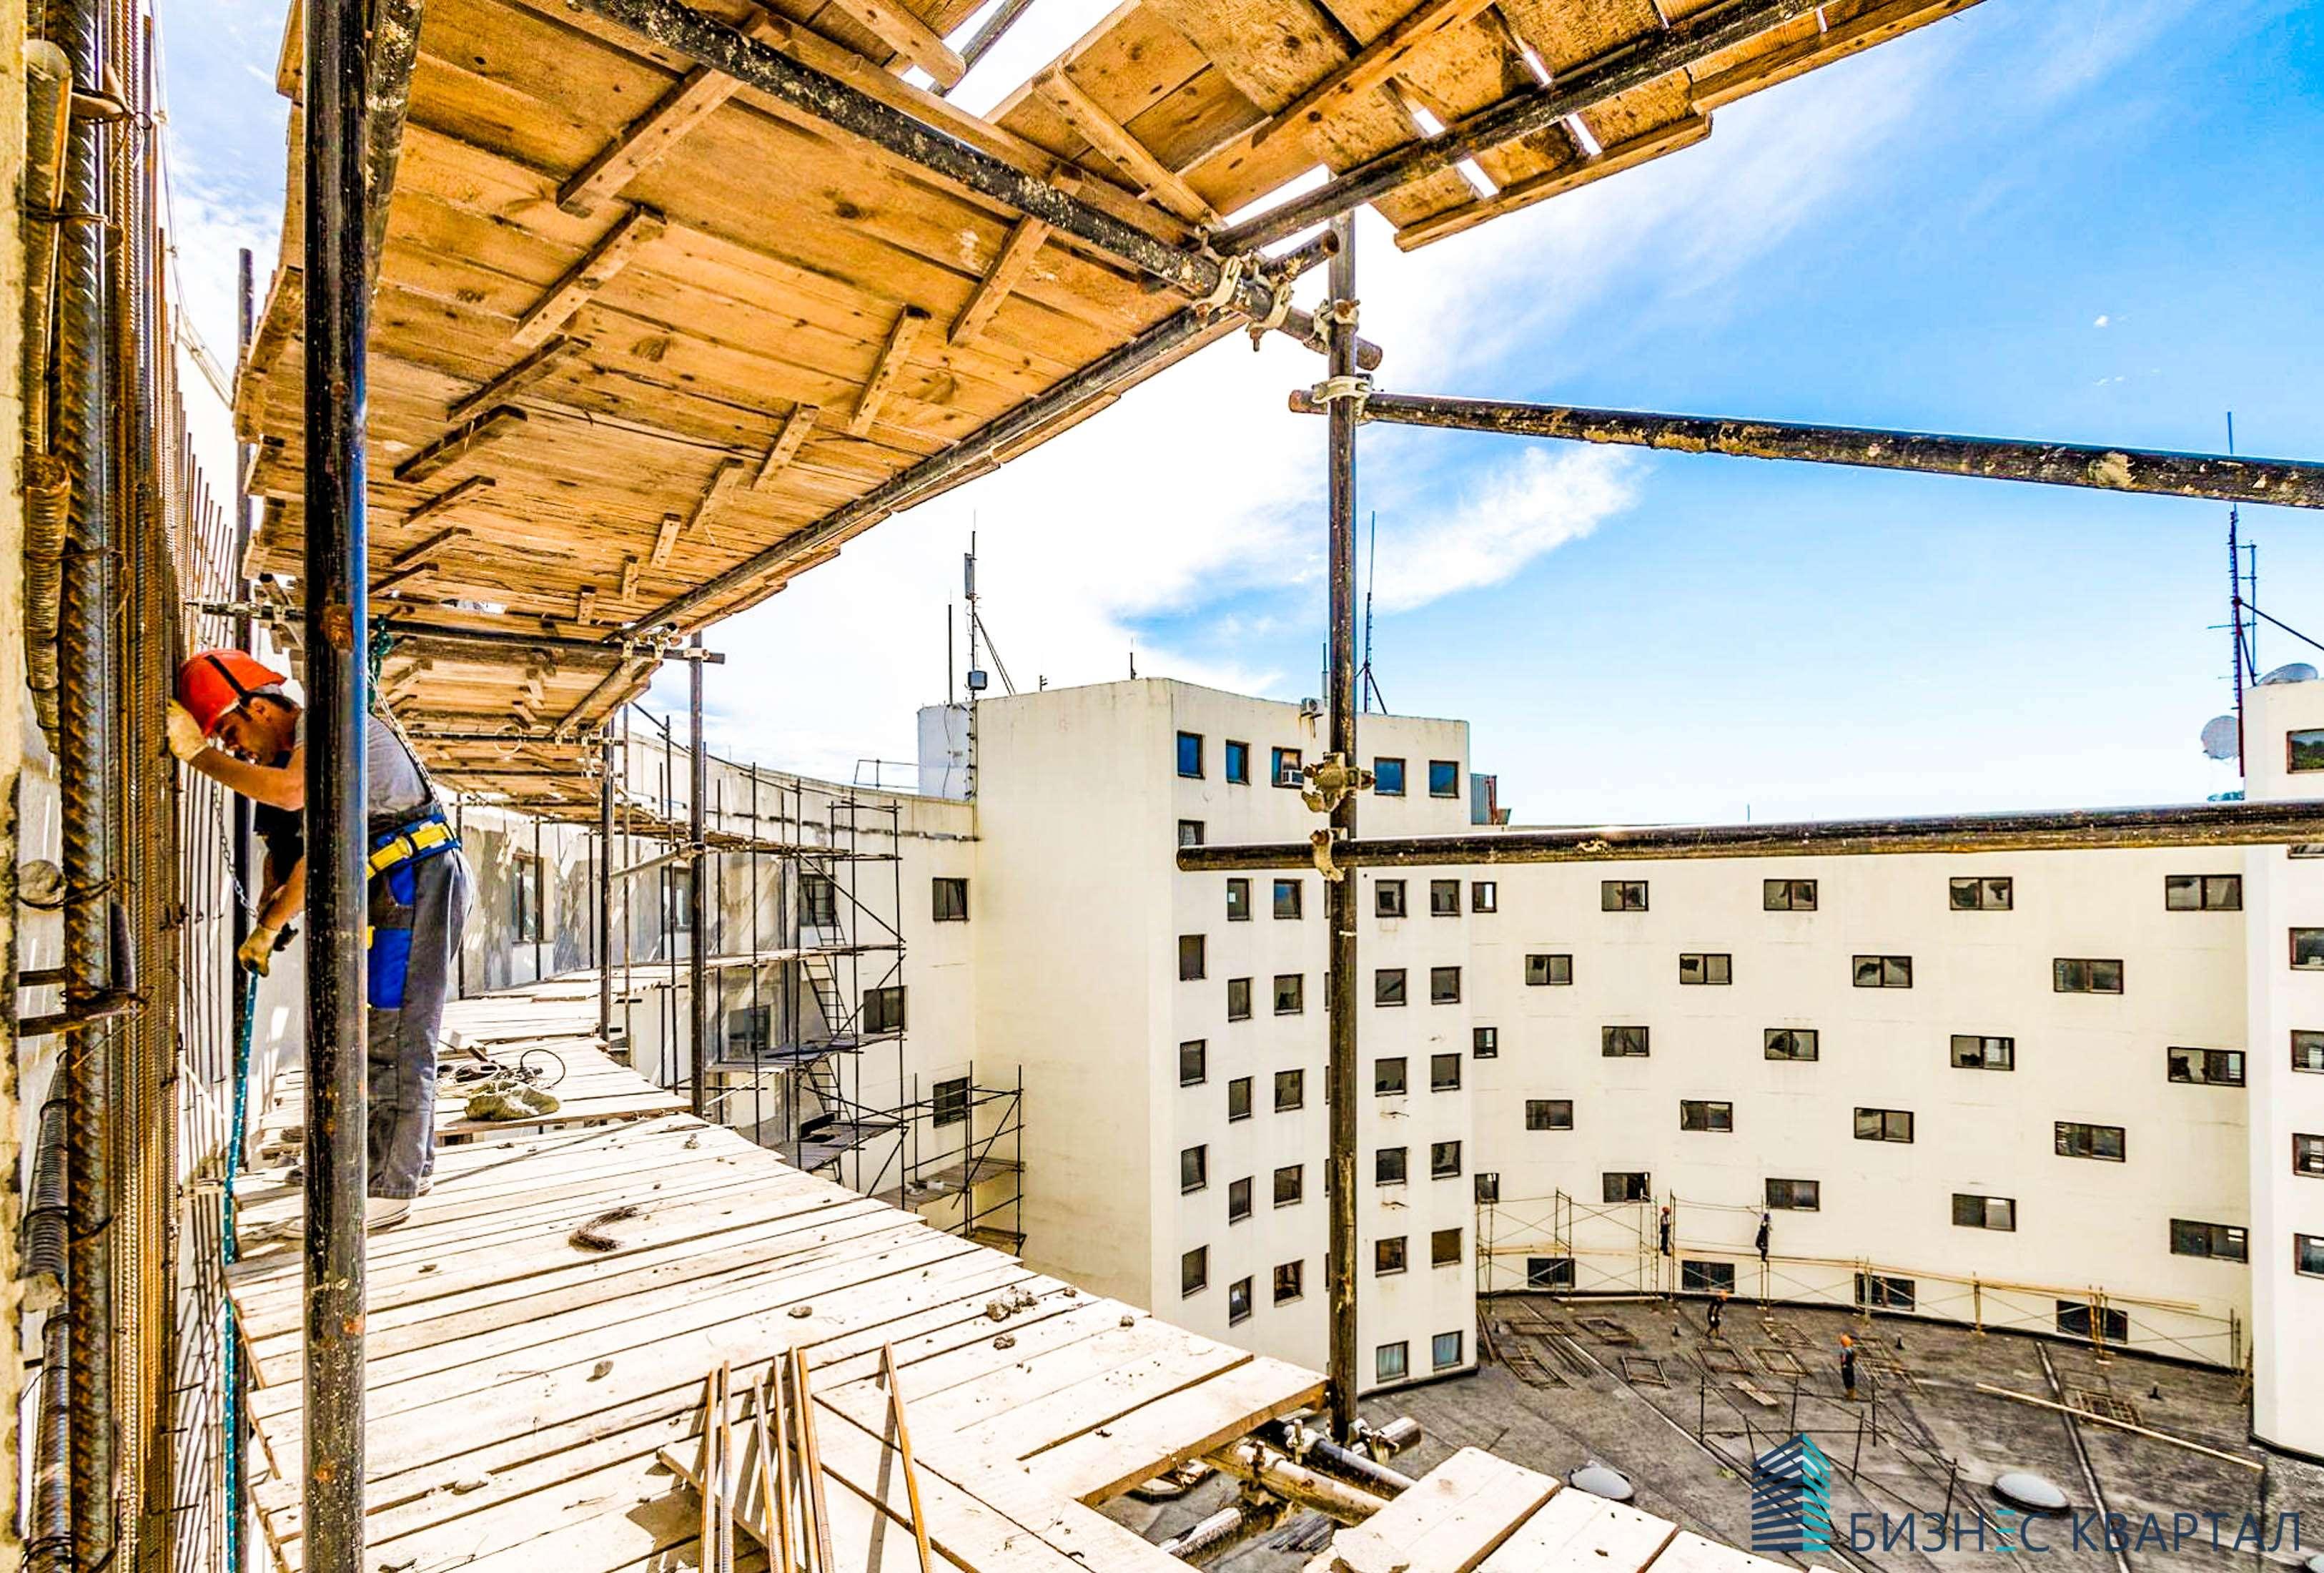 Стильные апартаменты в Сочи с ремонтом и мебелью - image gotovye-apartamenty-v-sochi-15 on https://bizneskvartal.ru